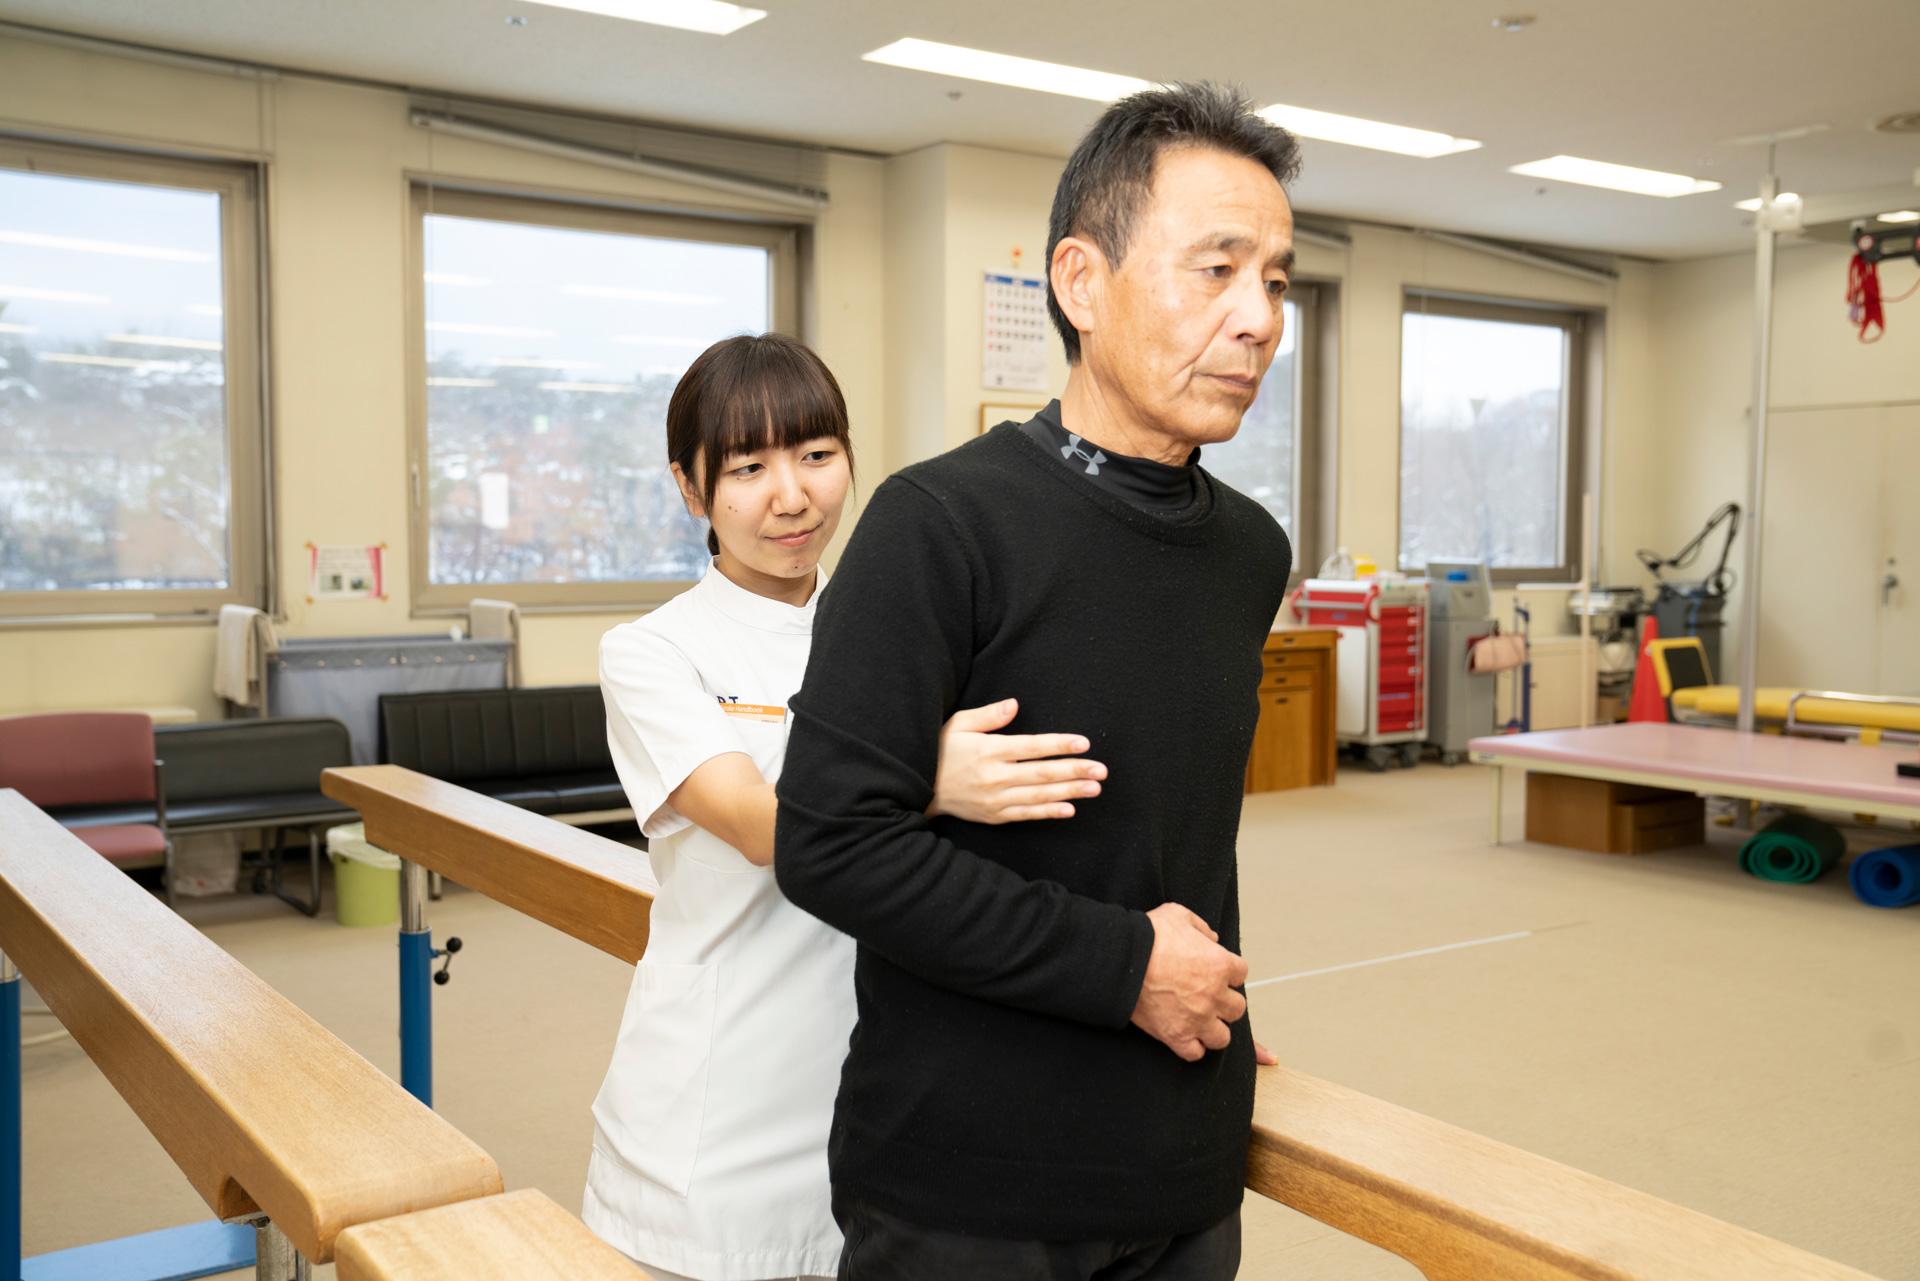 写真:理学療法士が患者の歩行の補助をしている様子